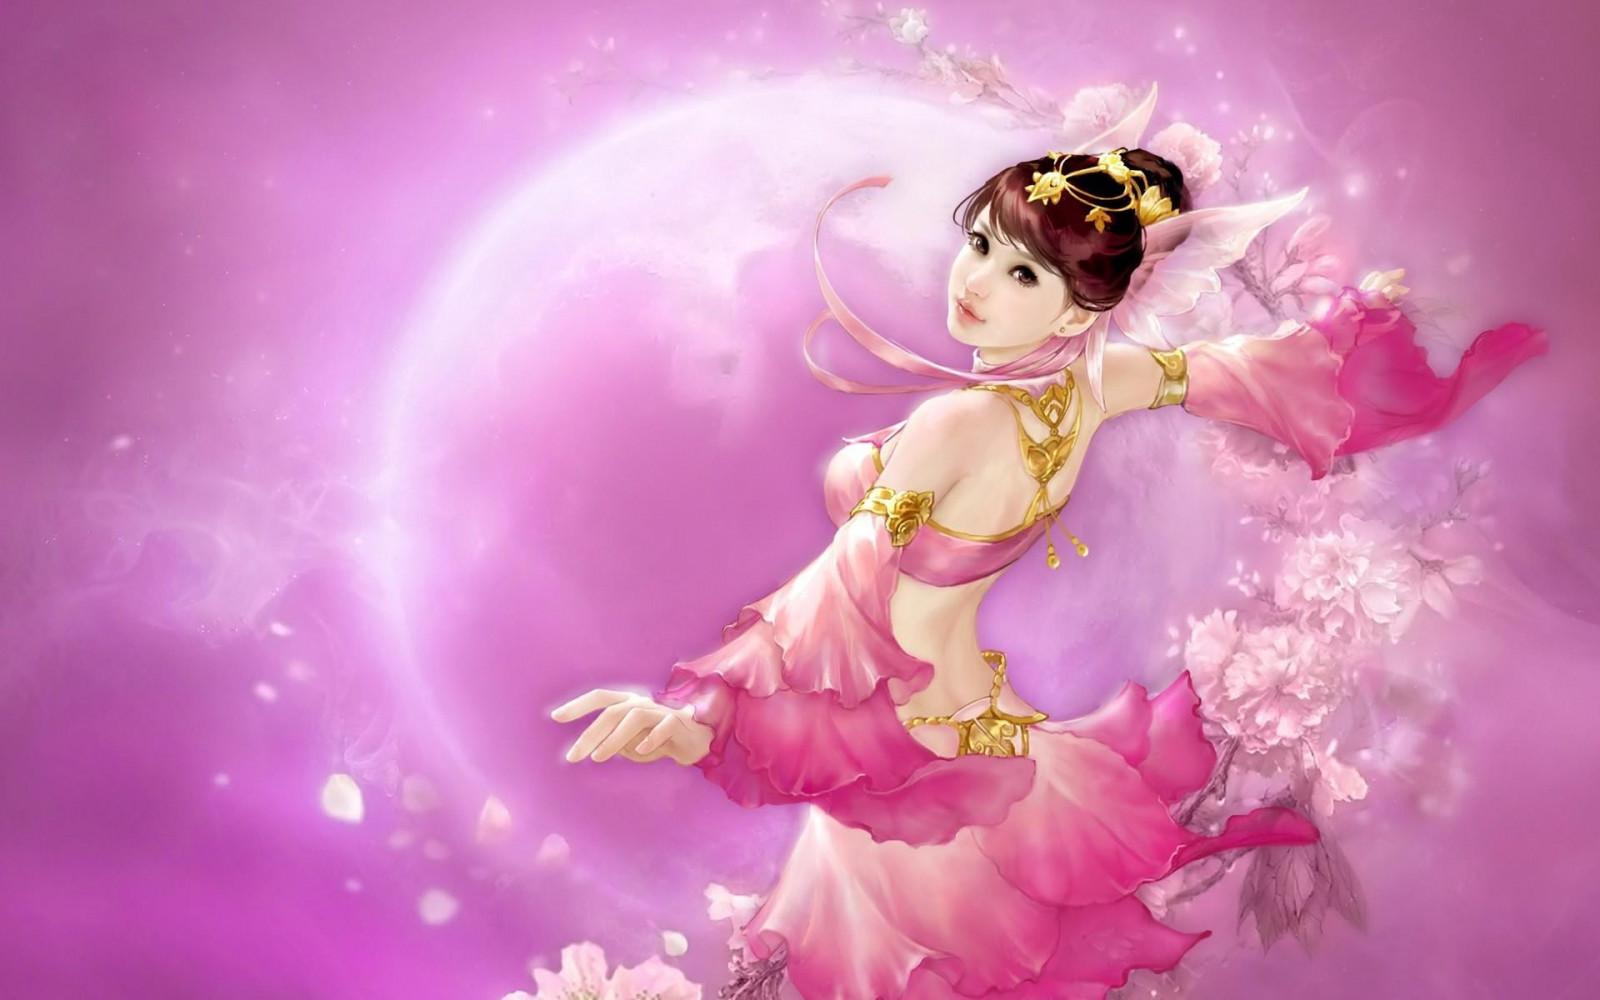 Танец с цветами картинки, открытки день